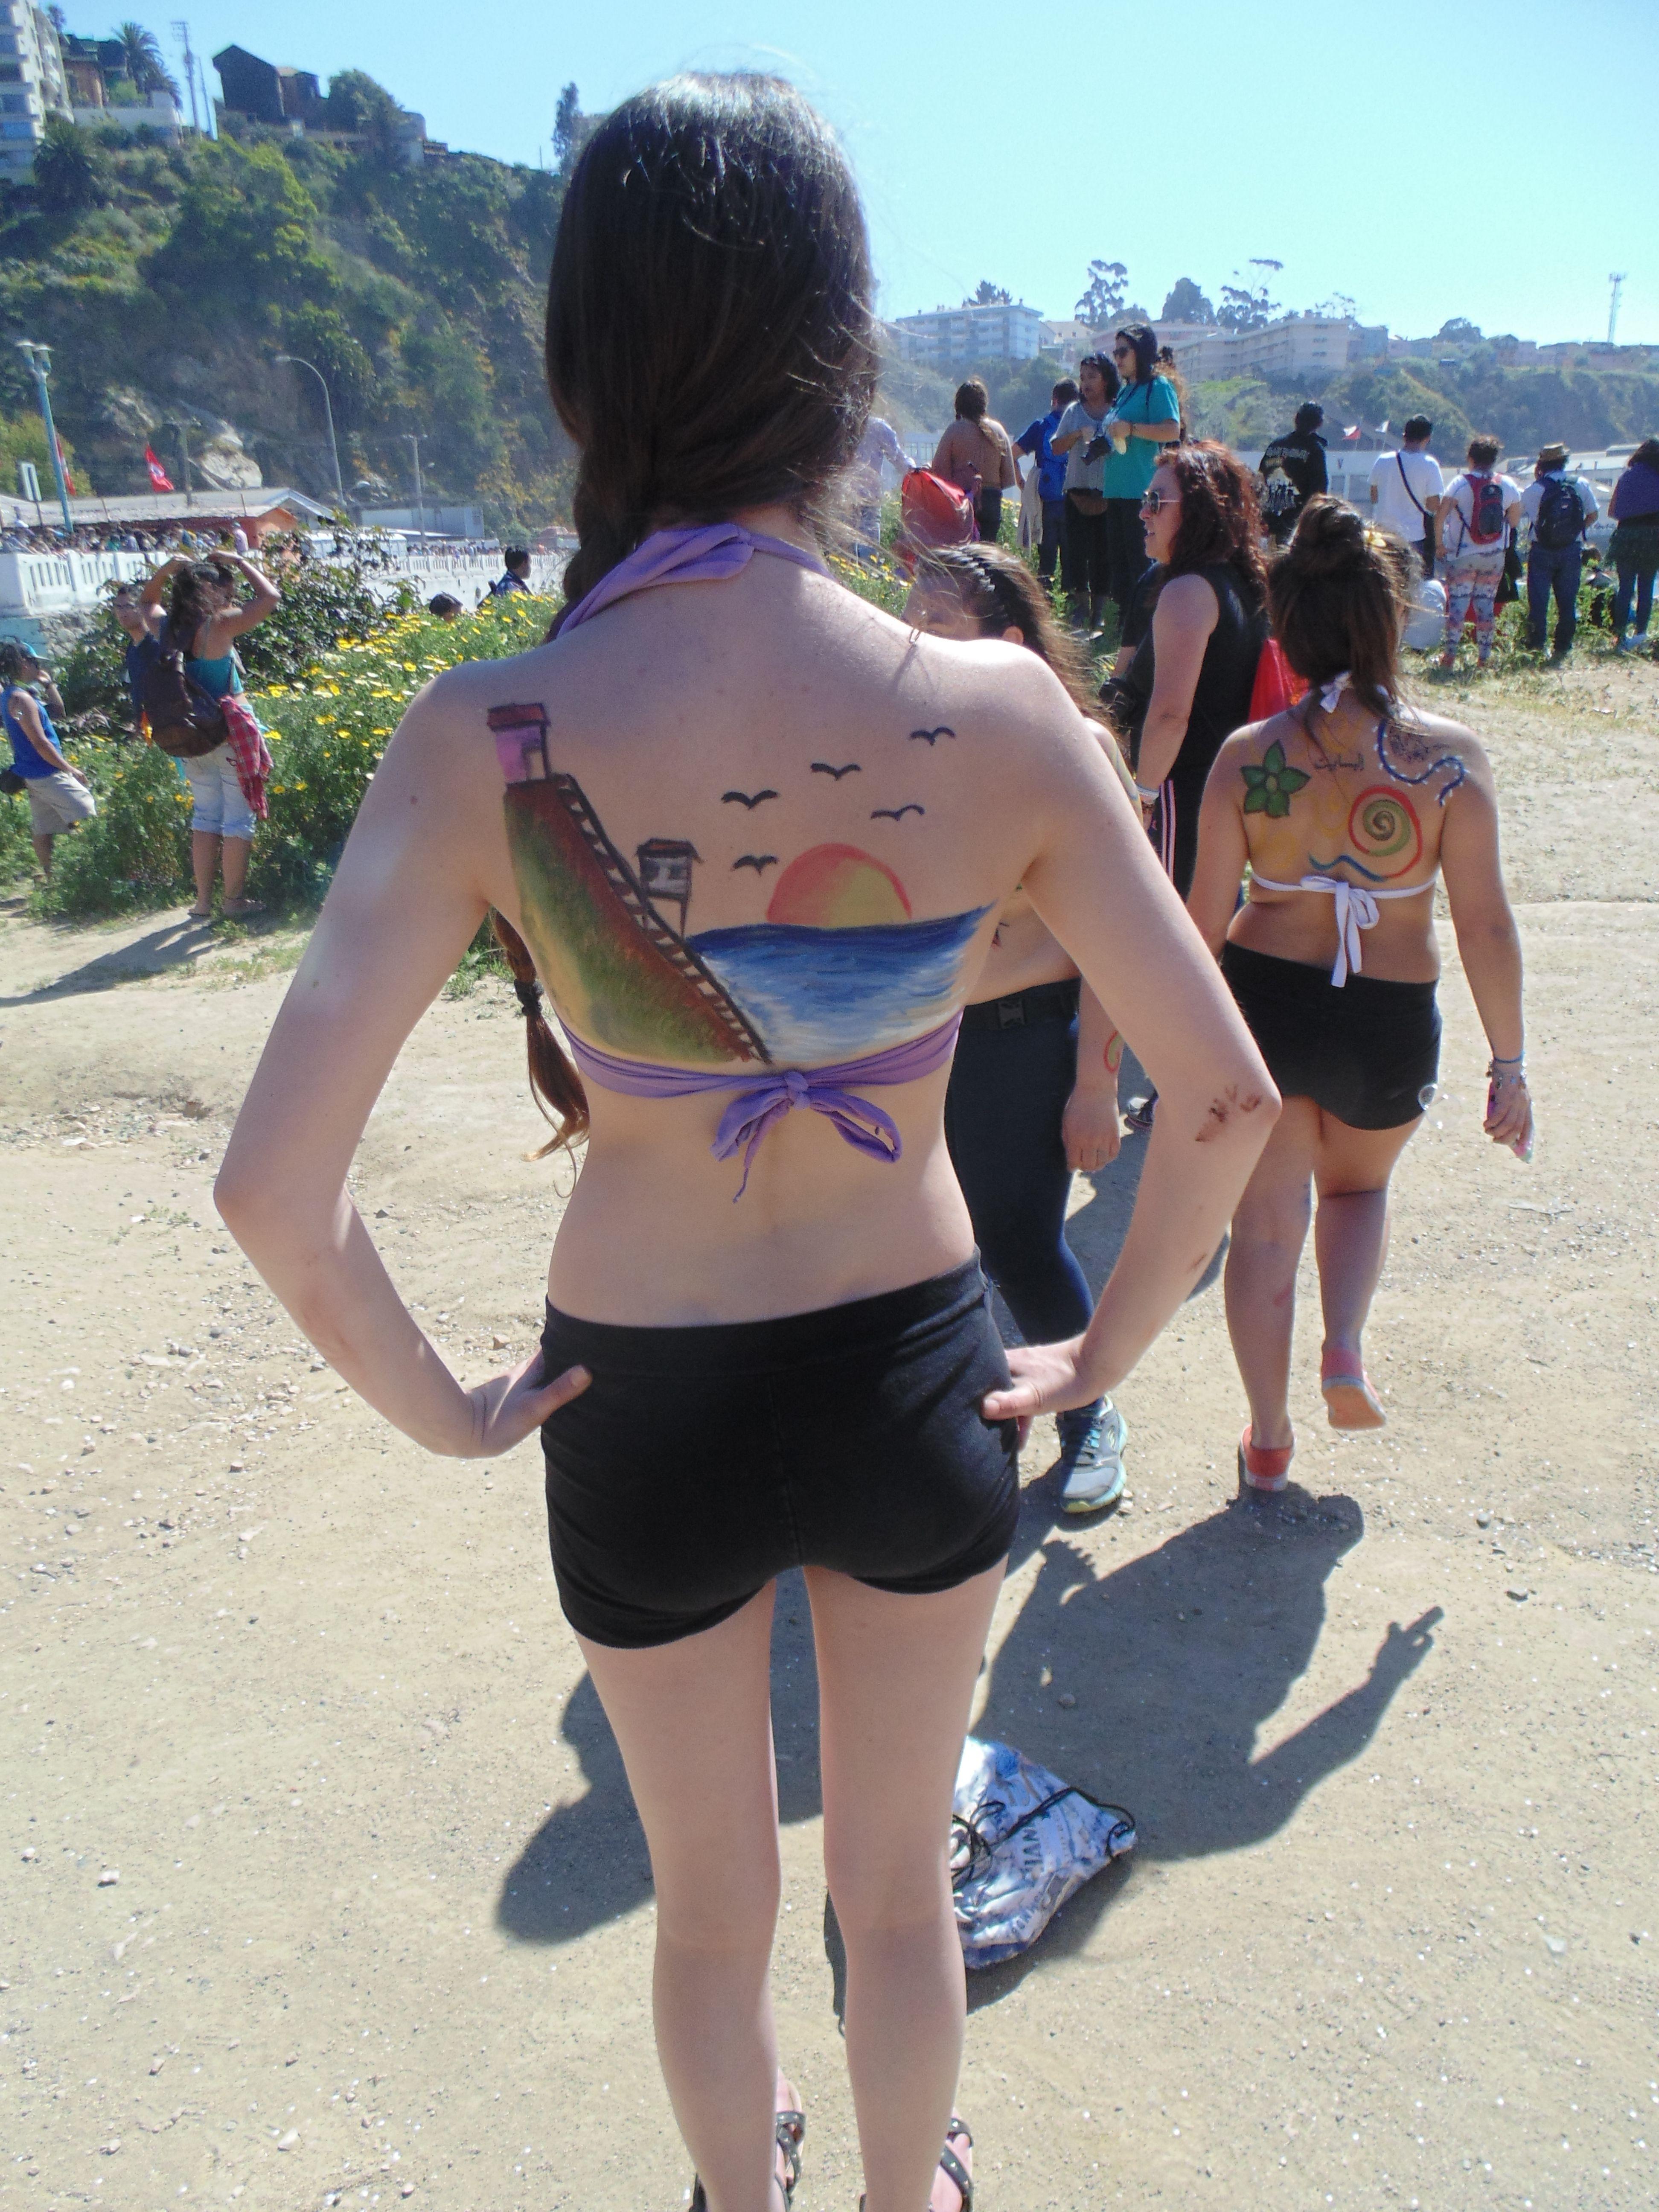 pintura corporal, en el marco dela celebración Valparaíso mil tambo ...